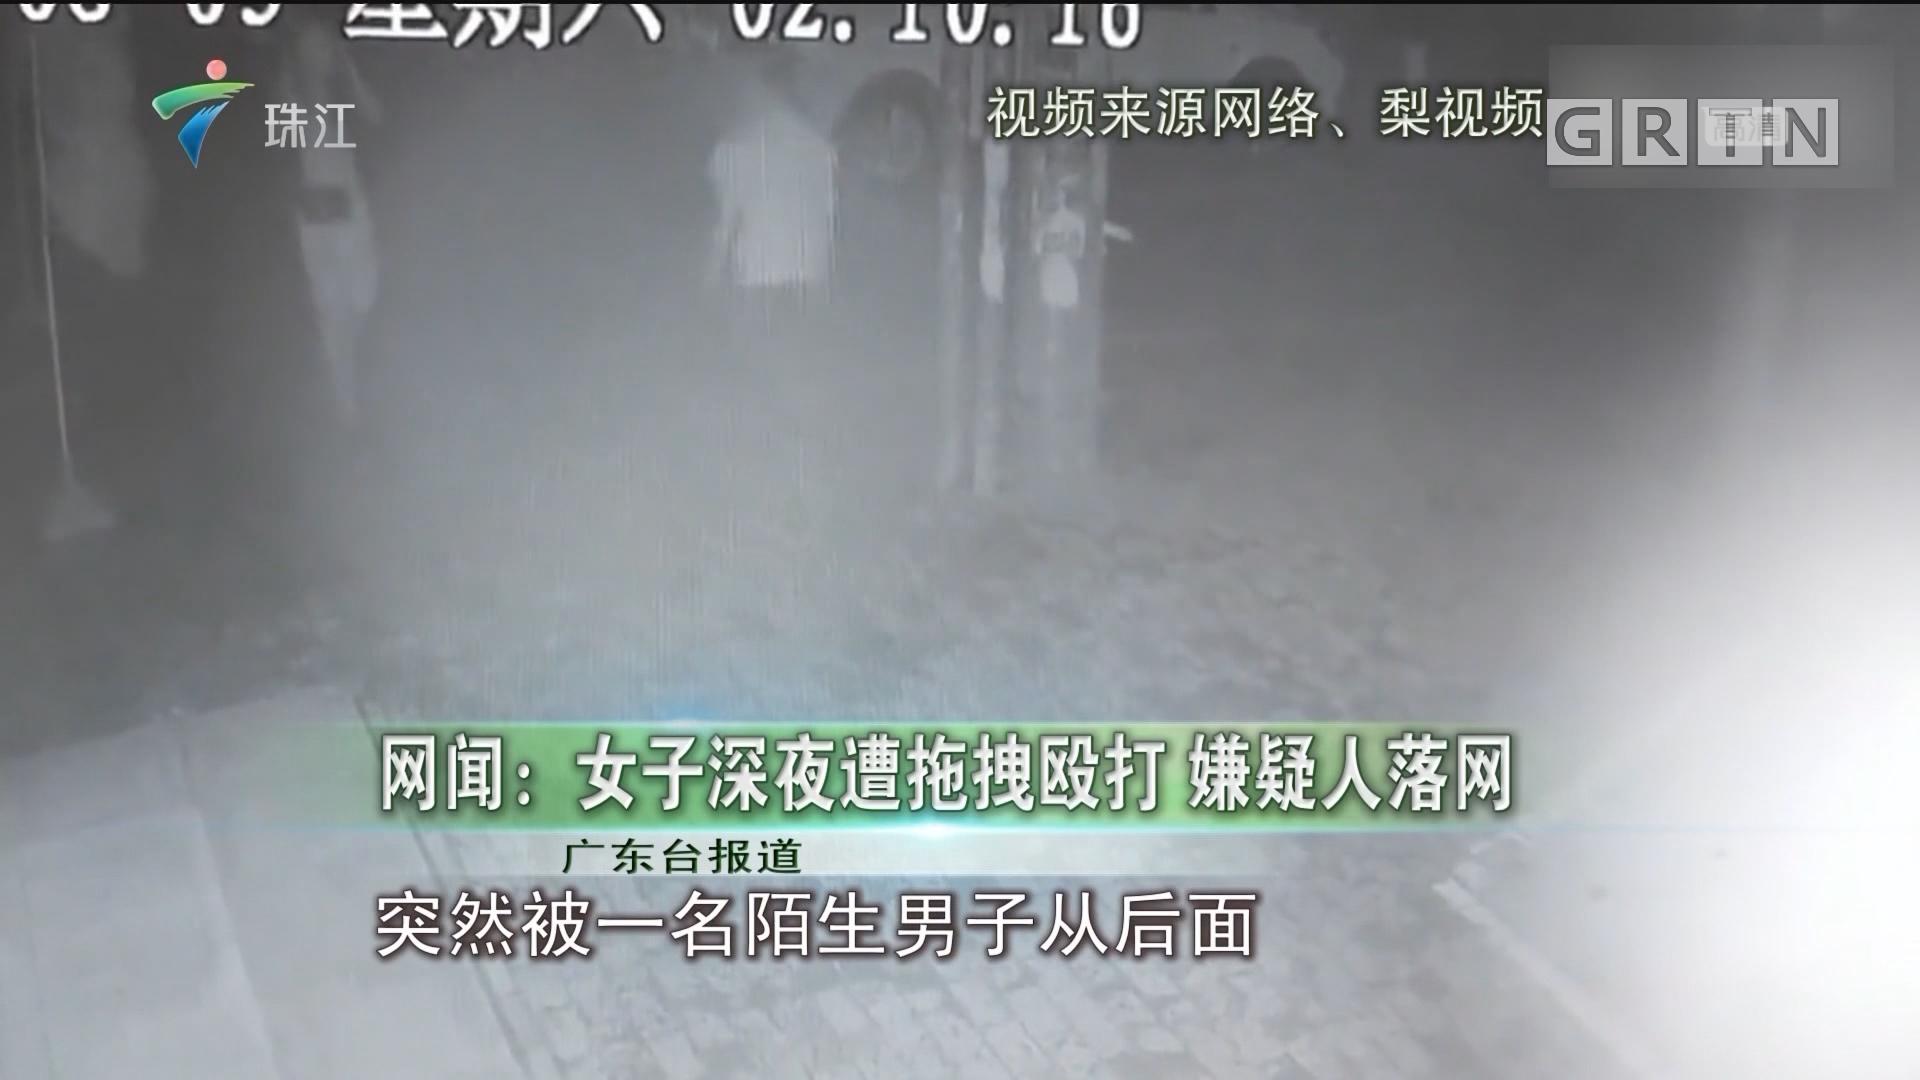 网闻:女子深夜遭拖拽殴打 嫌疑人落网